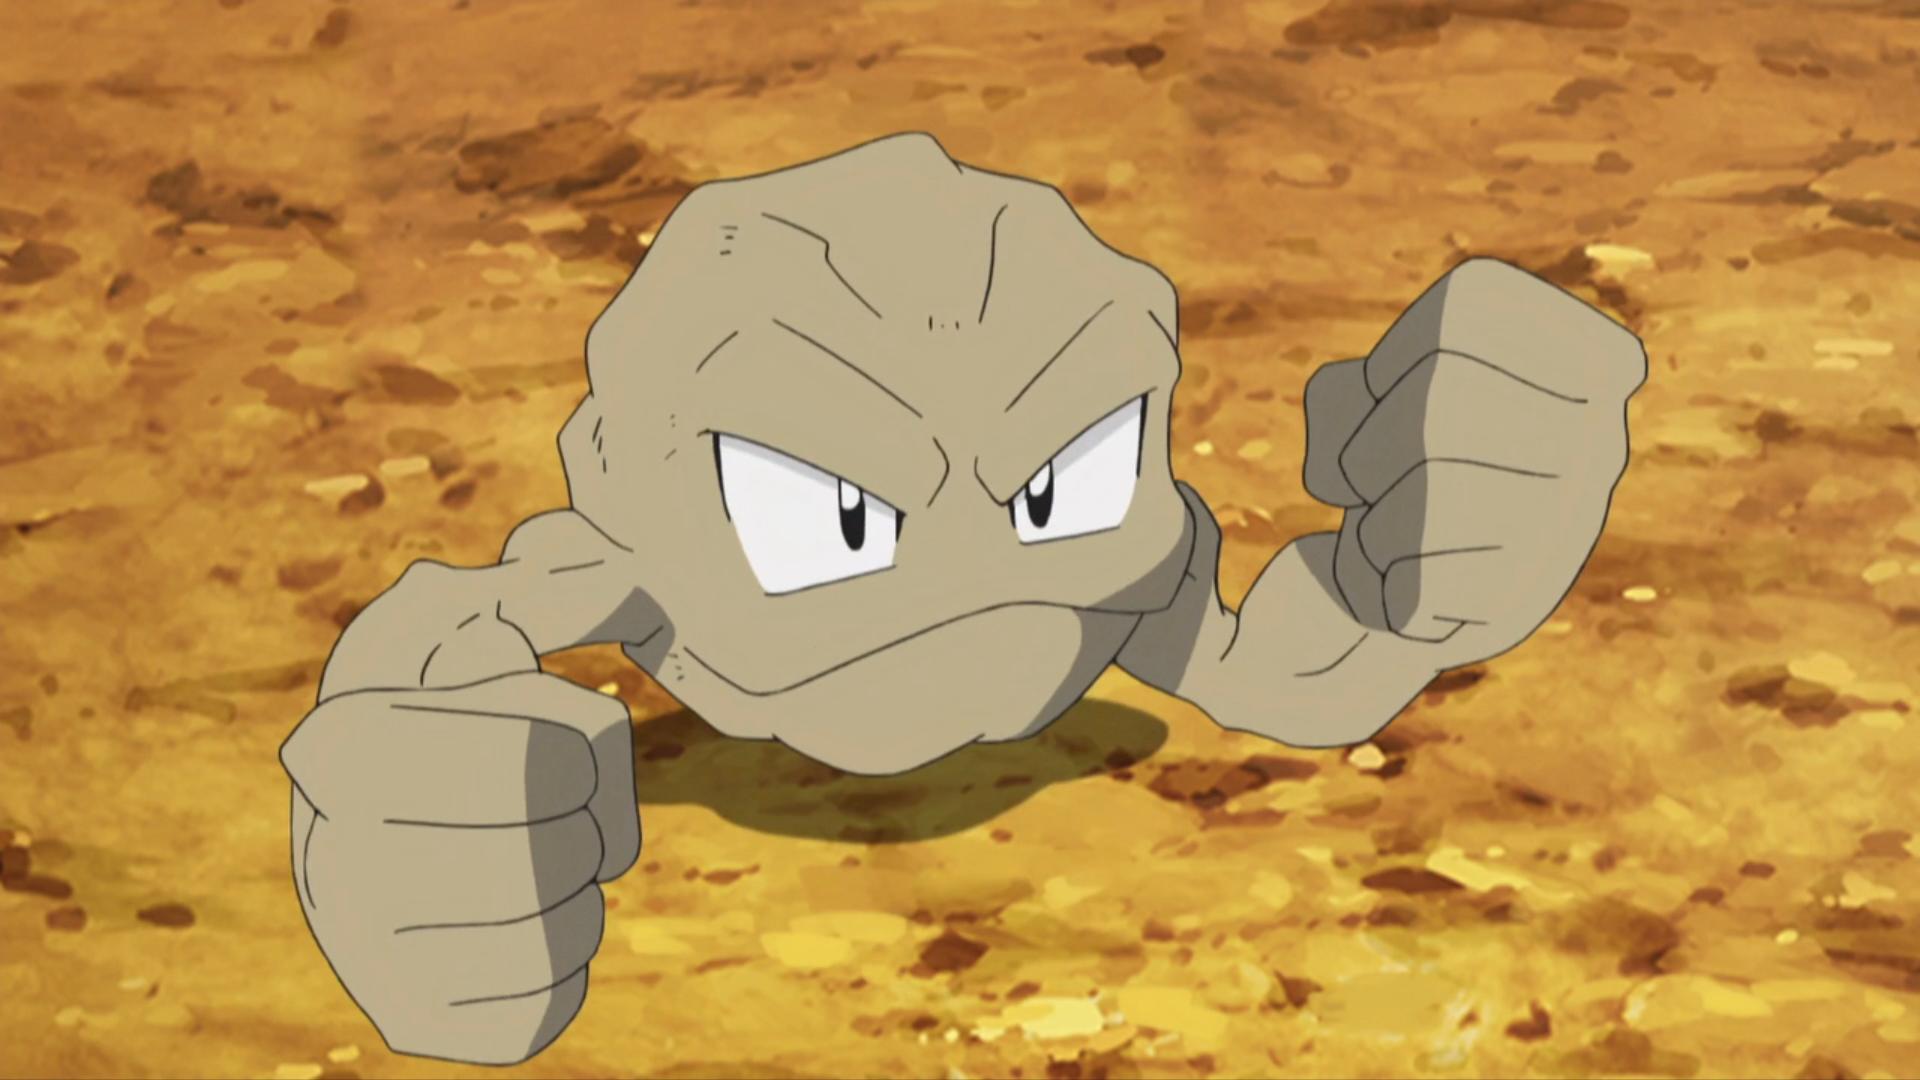 Brock (anime) | Pokémon Wiki | FANDOM powered by Wikia